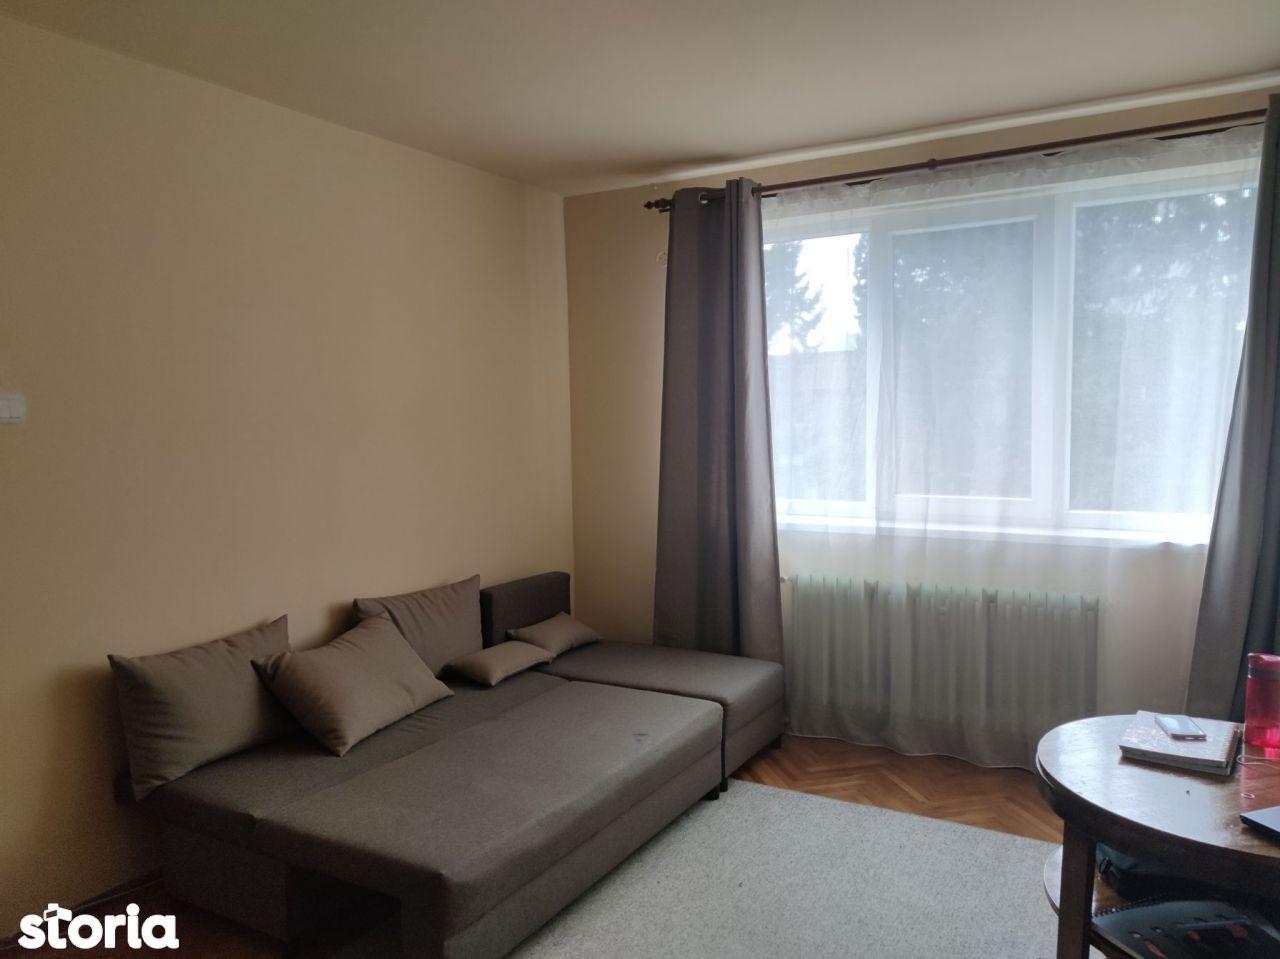 Apartament 2 camere, locatie excelenta, zona Iulius Mall